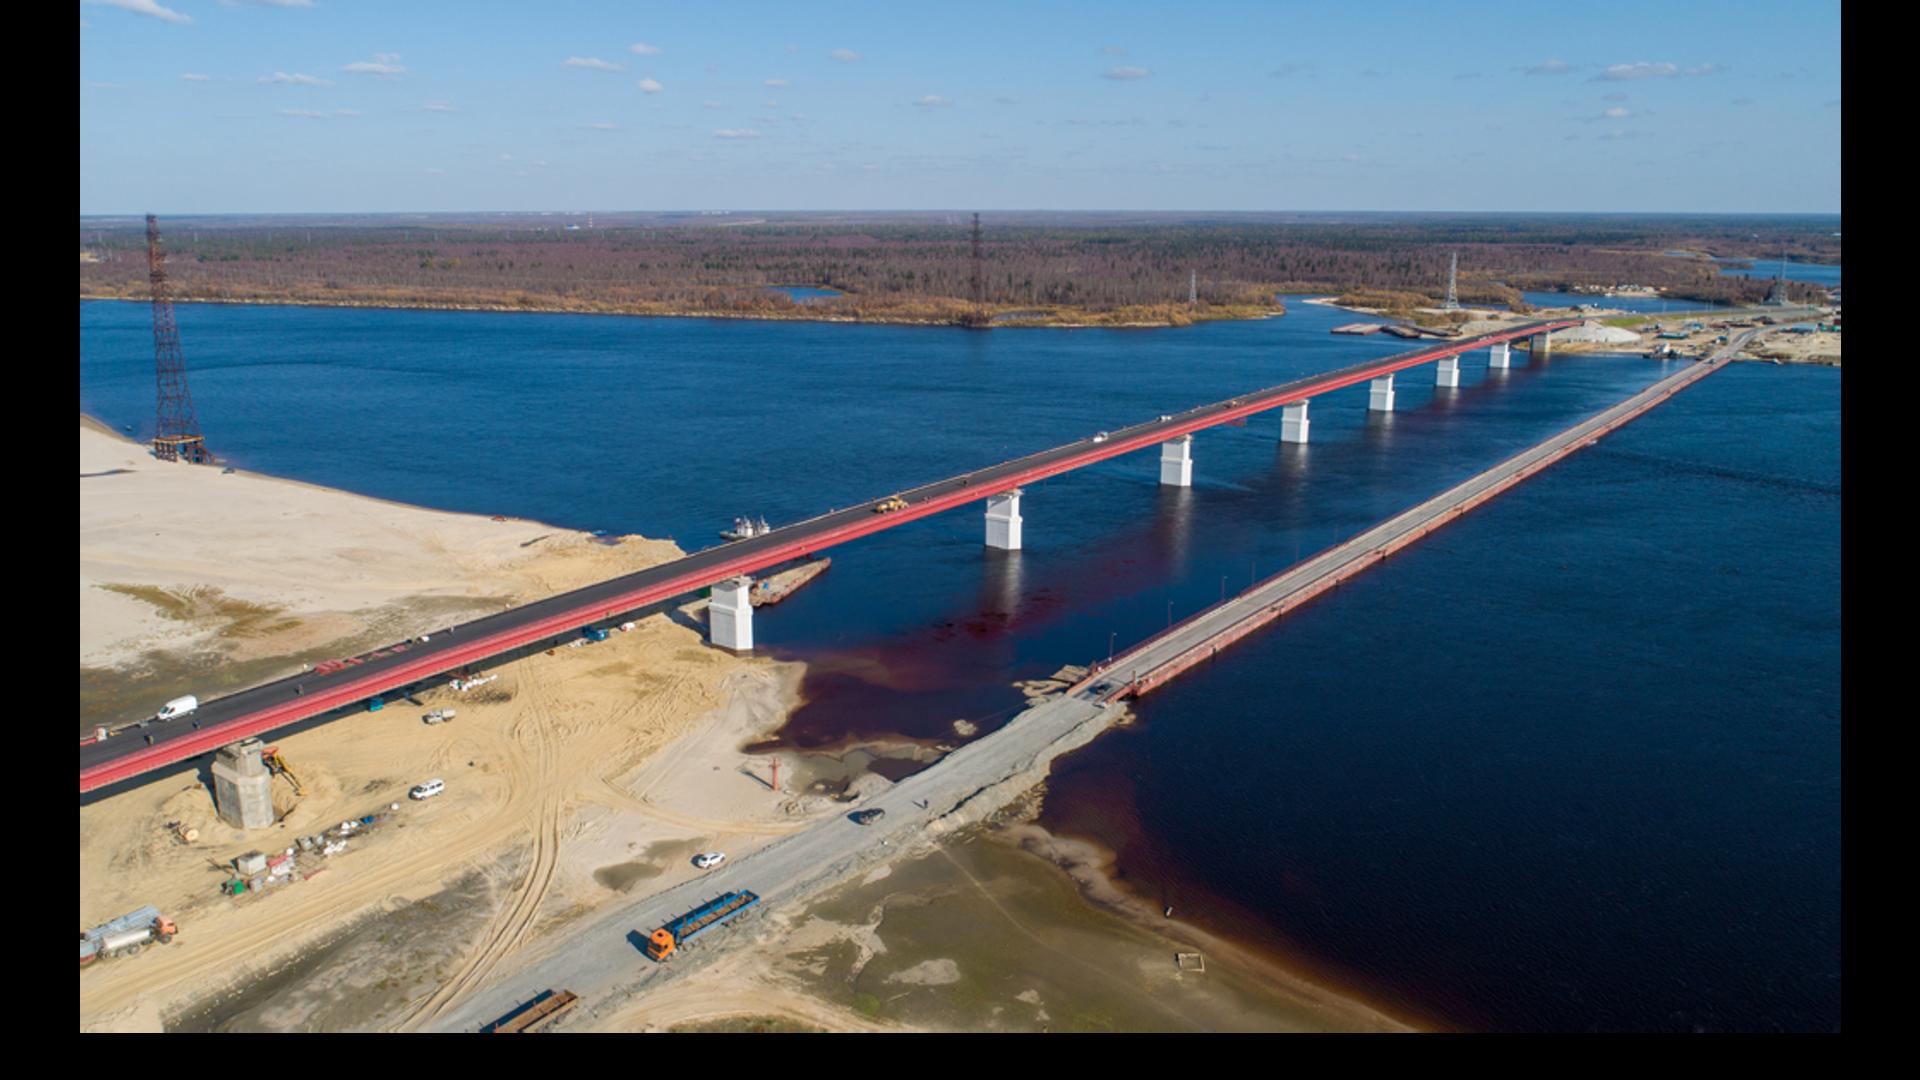 Новый мост через реку Пур  - РИА Новости, 1920, 16.10.2020